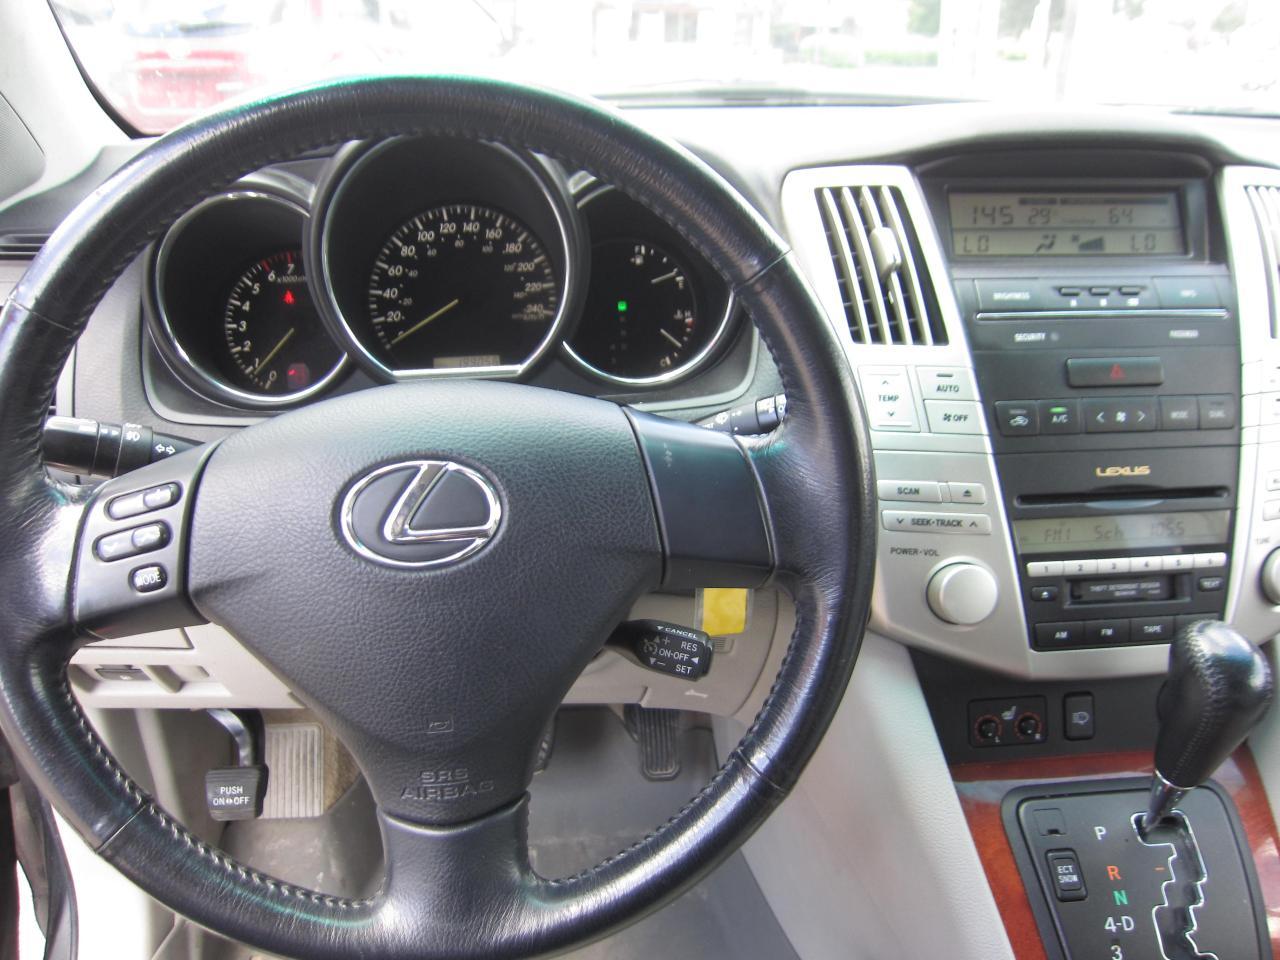 Used 2004 Lexus RX 330 $6,995 +HST +LIC FEE / CLEAN CARFAX